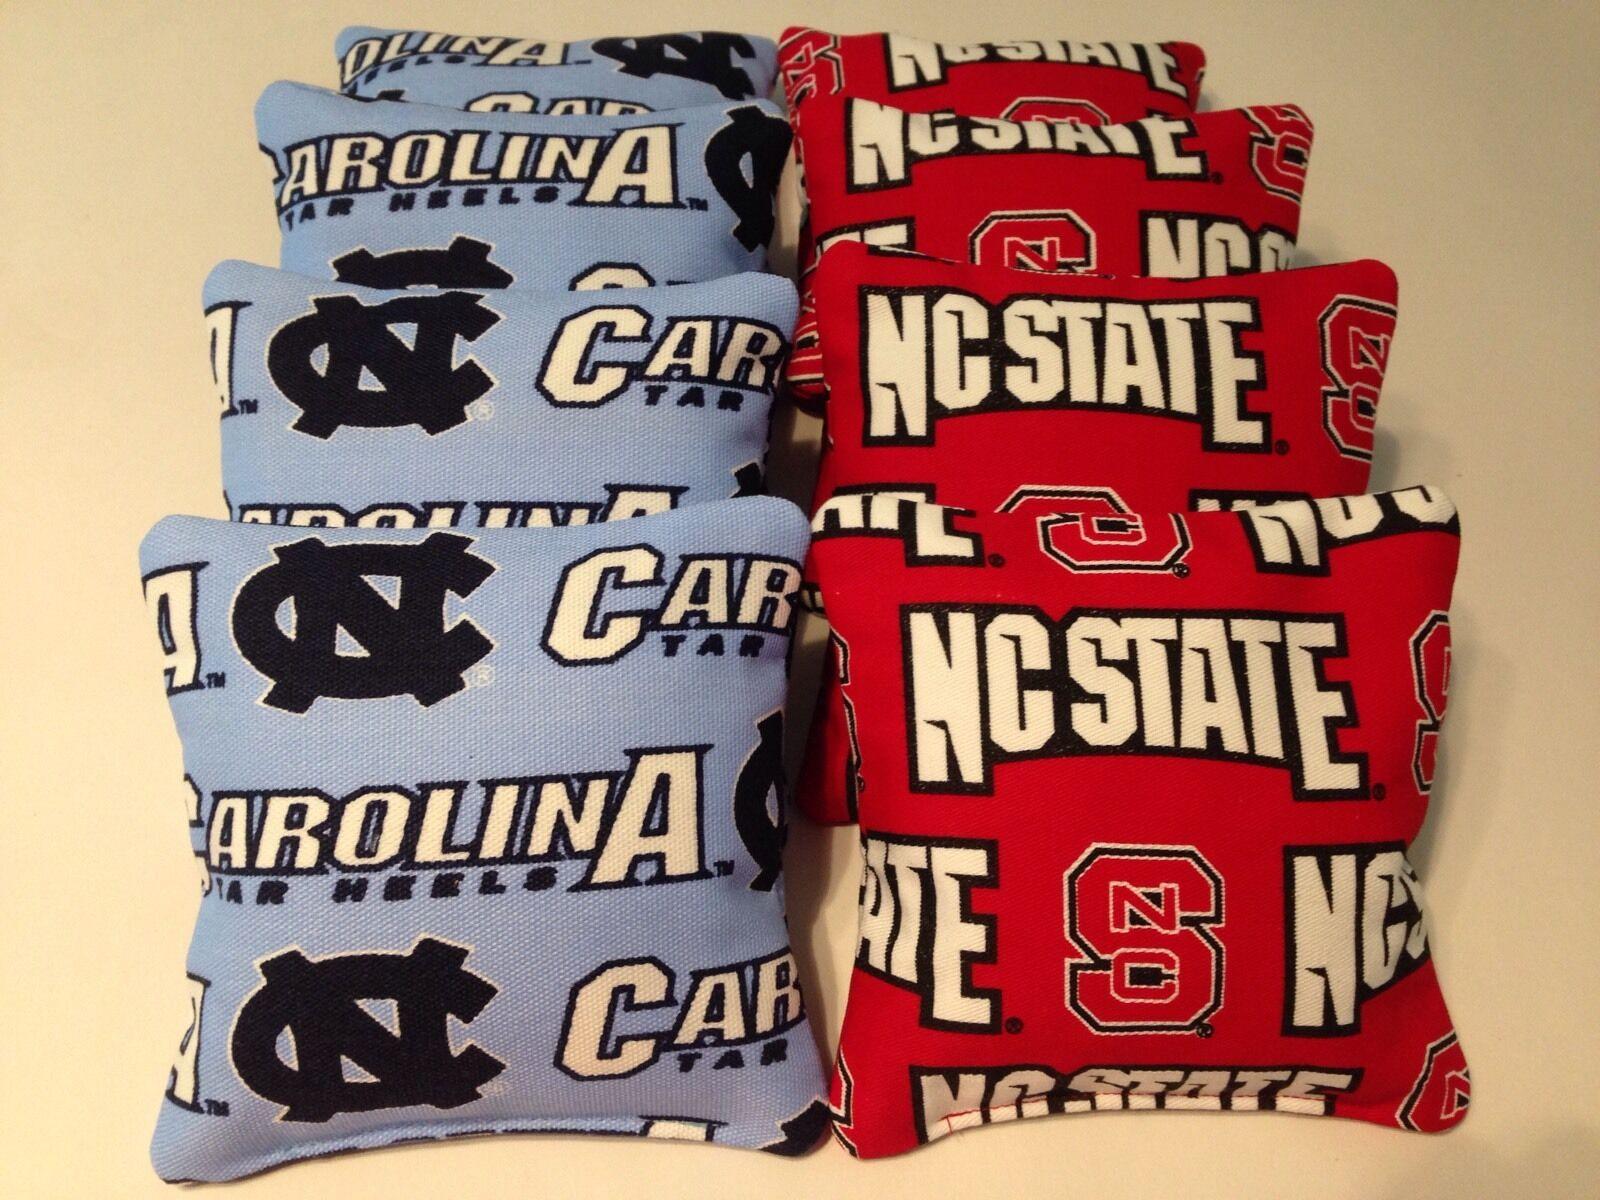 University of NORTH CAROLINA TARHEELS /& DUKE 8 ACA Cornhole Bean Bags UNC /& DUKE